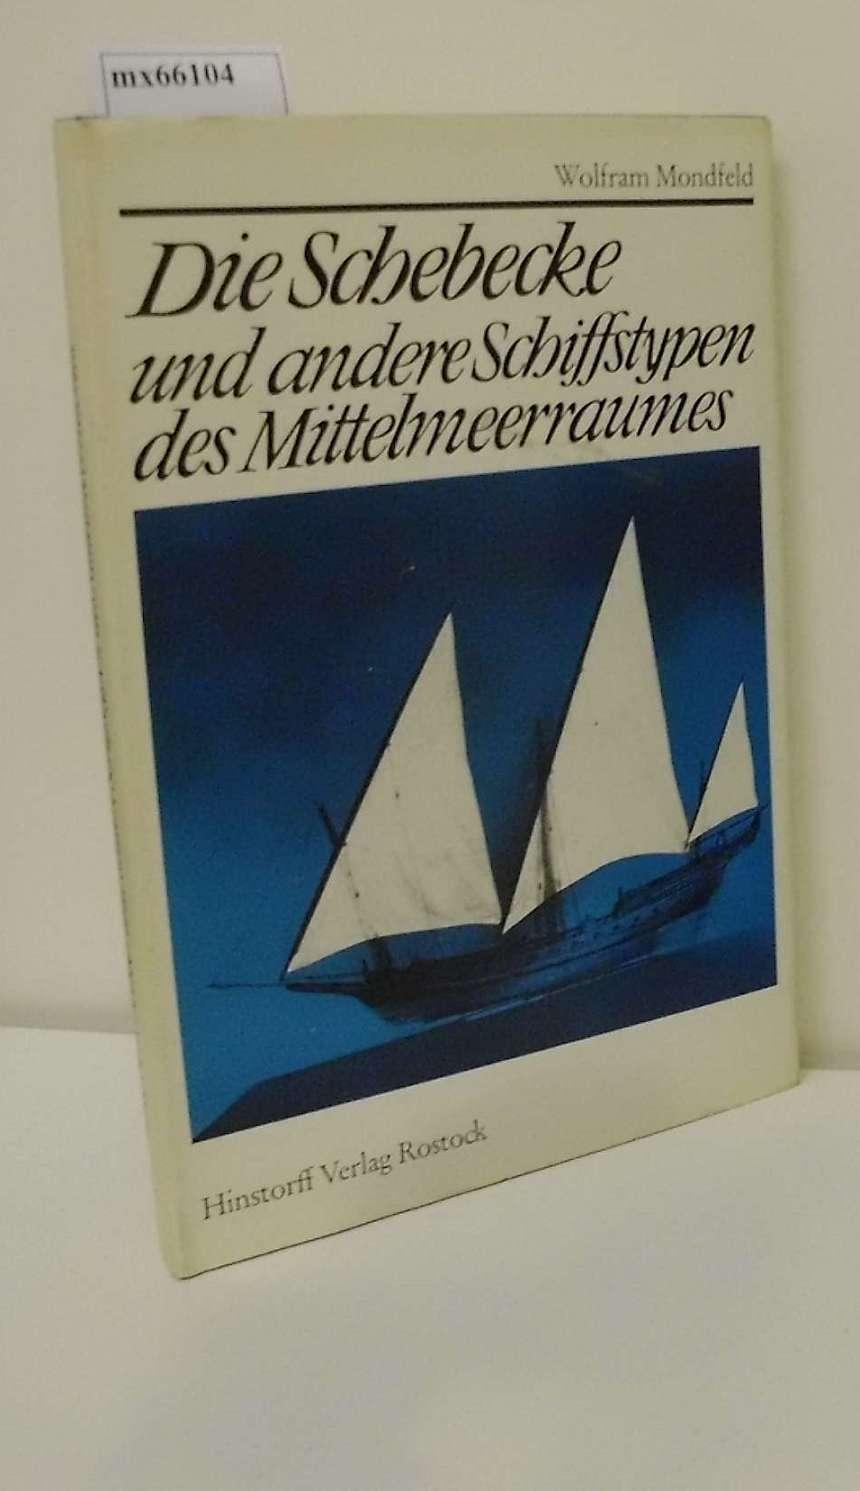 Die  Schebecke und andere Schiffstypen des Mittelmeerraumes Wolfram Mondfeld. [Zeichn.: Wolfram Mondfeld]